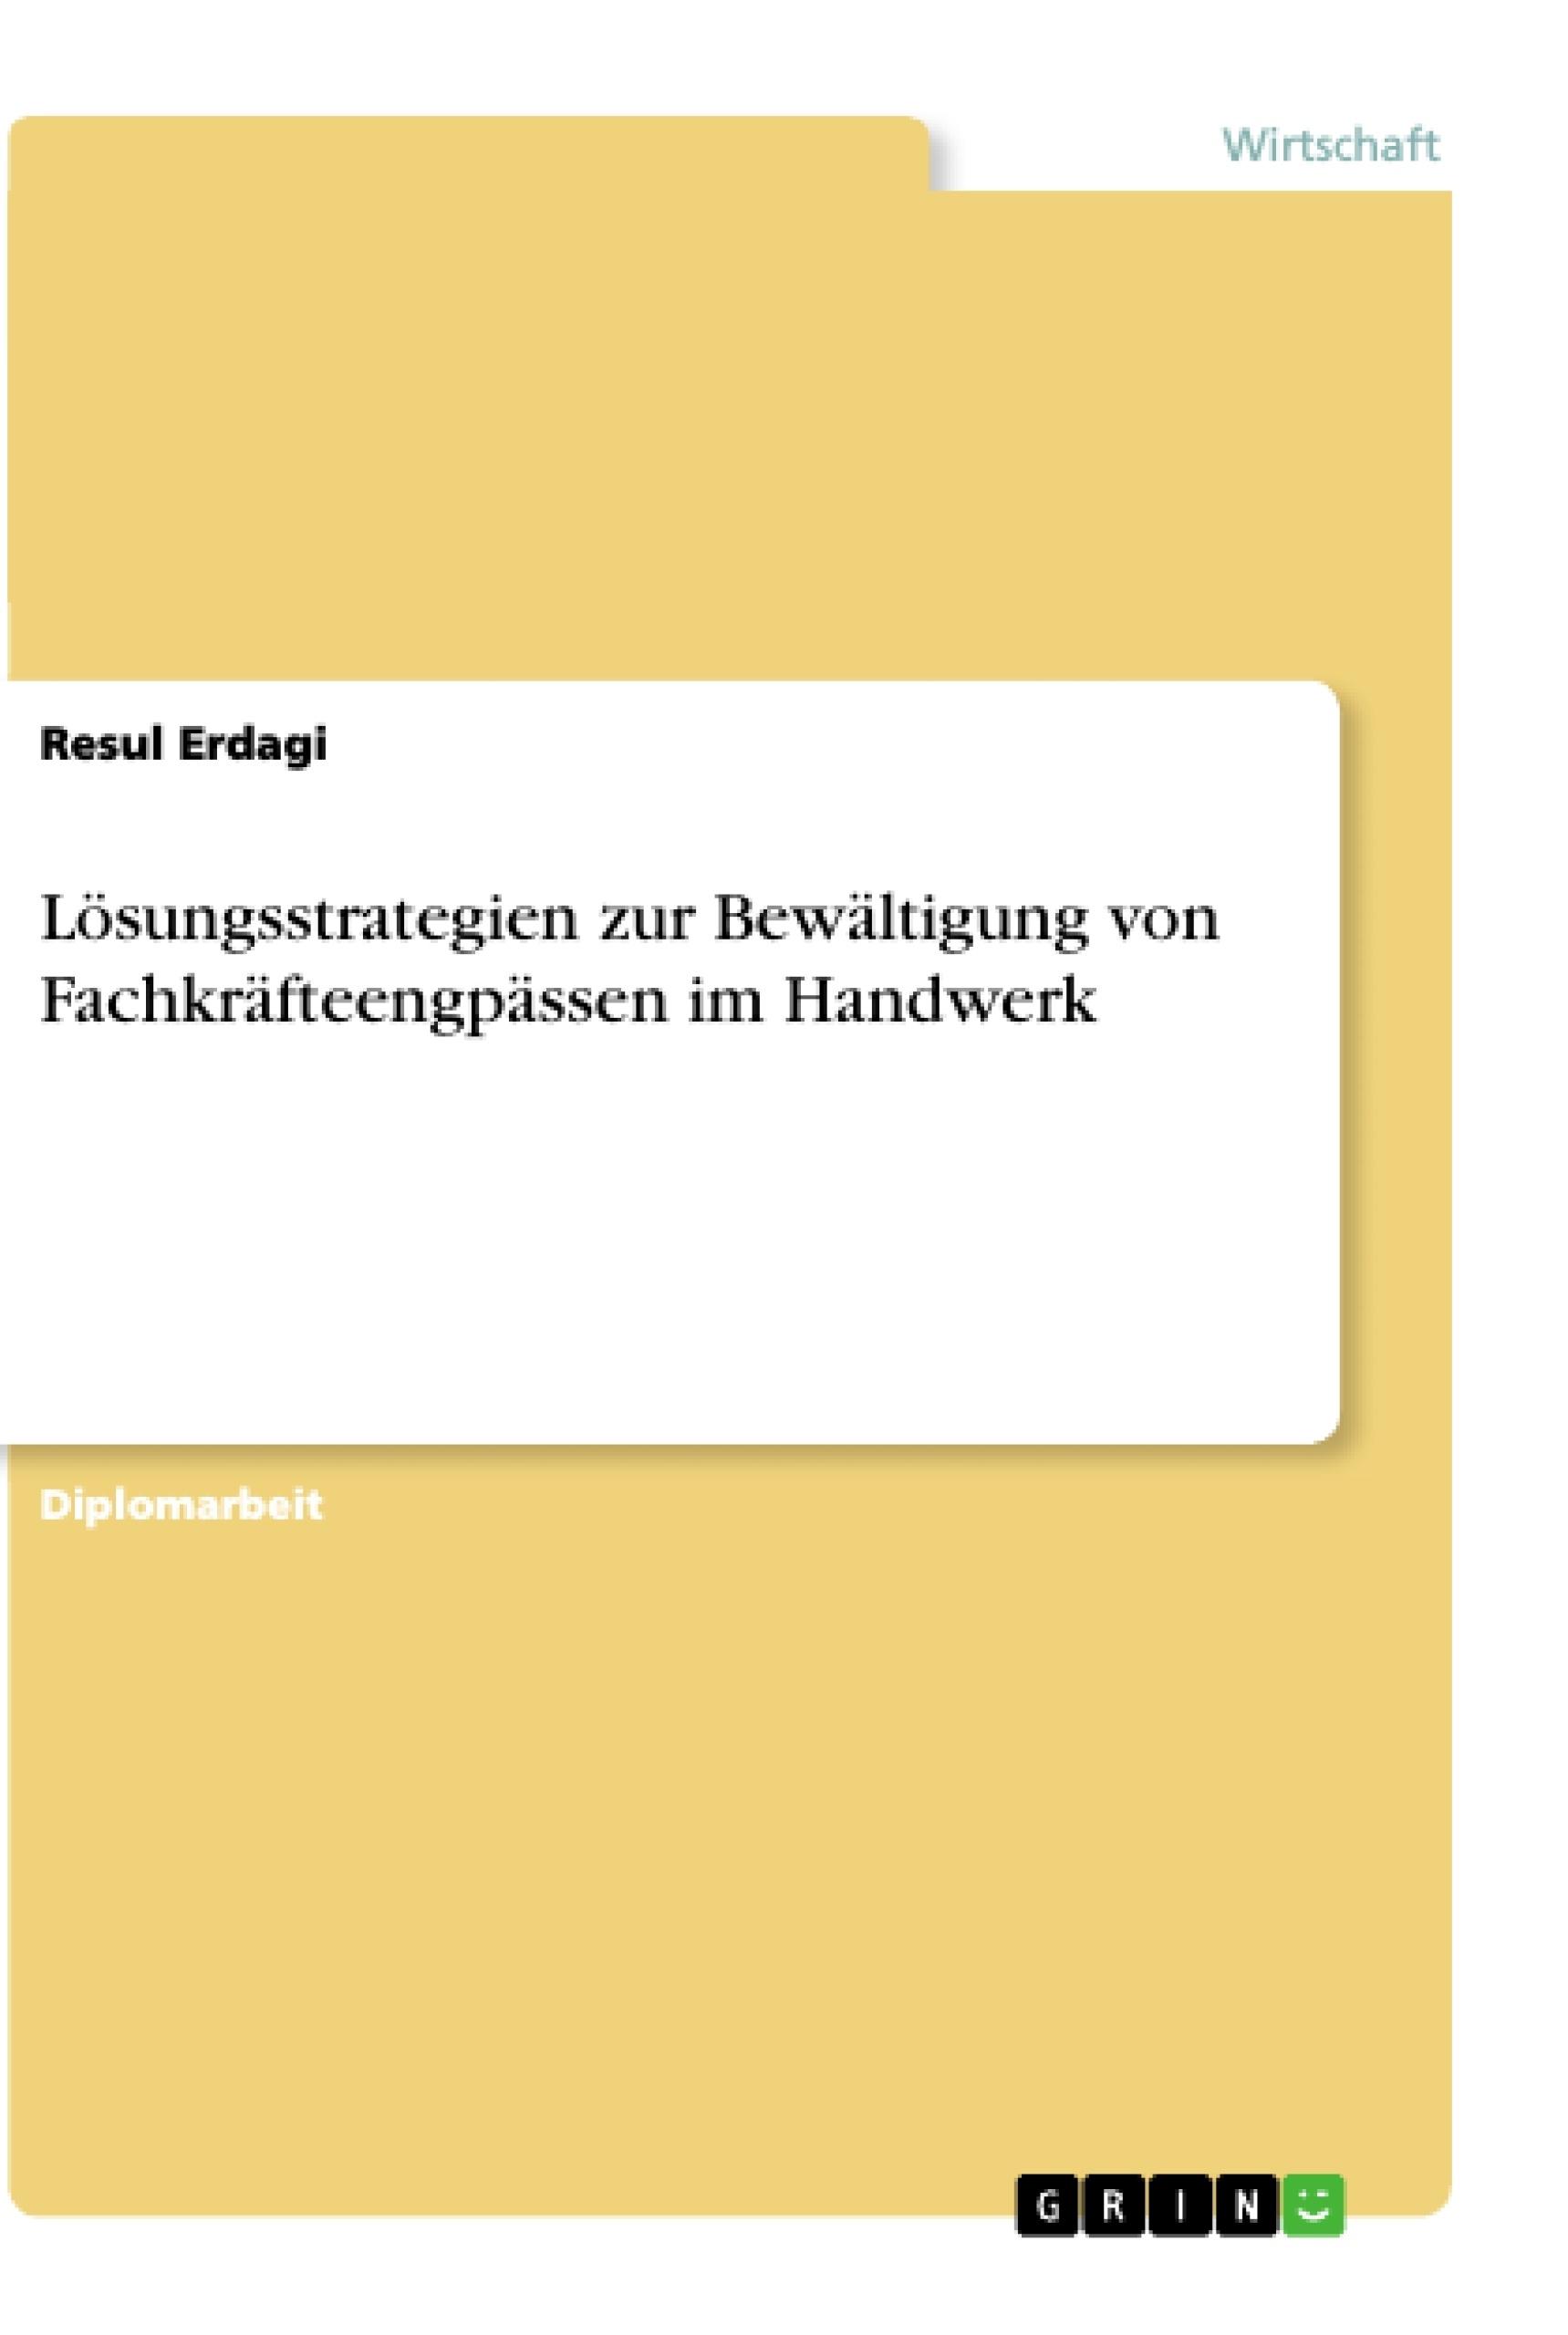 Titel: Lösungsstrategien zur Bewältigung von Fachkräfteengpässen im Handwerk